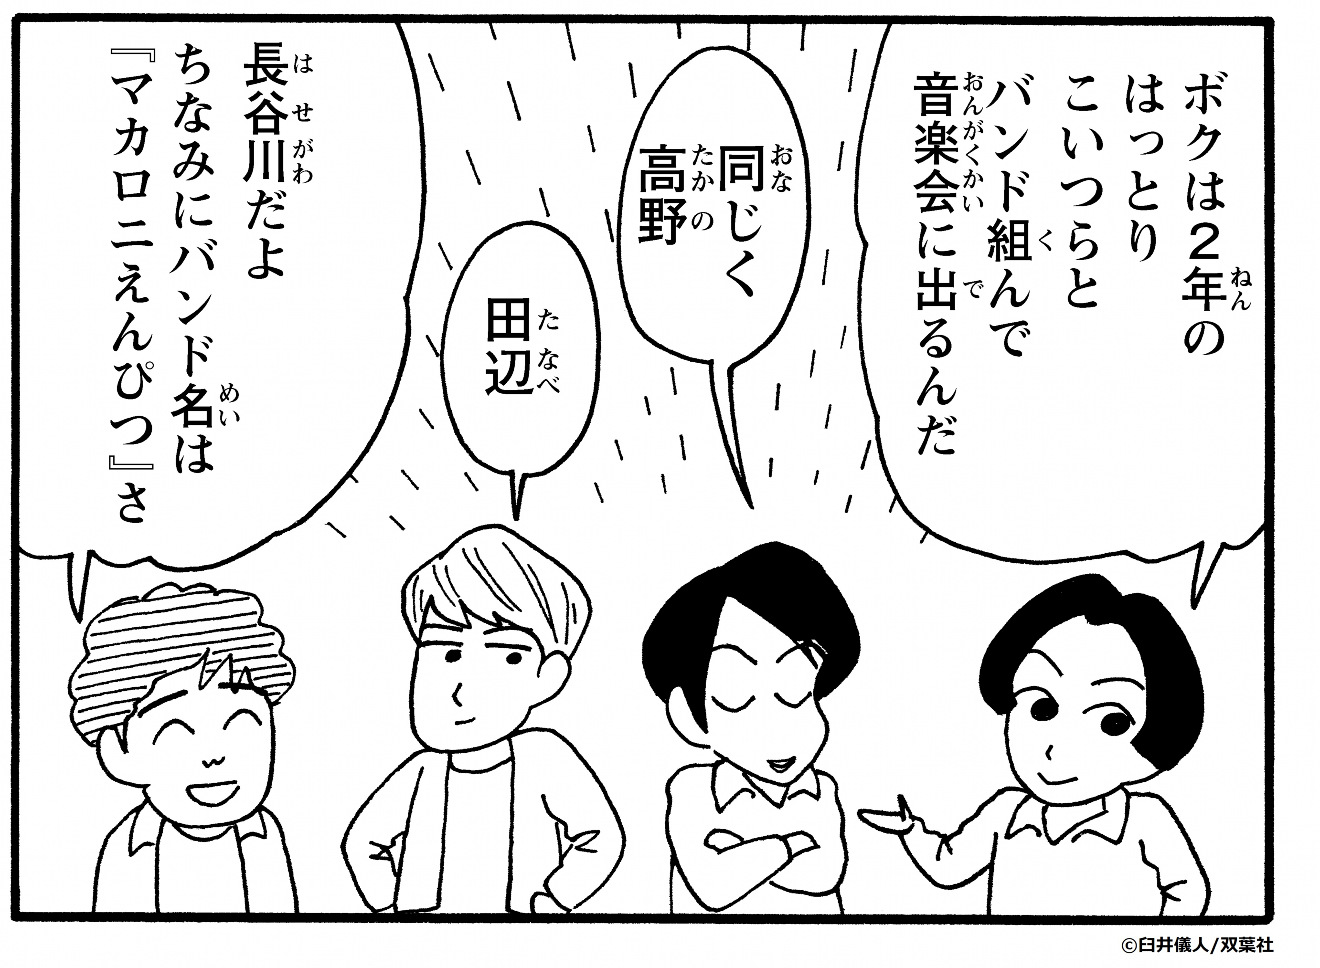 新曲 マカロニ えんぴつ